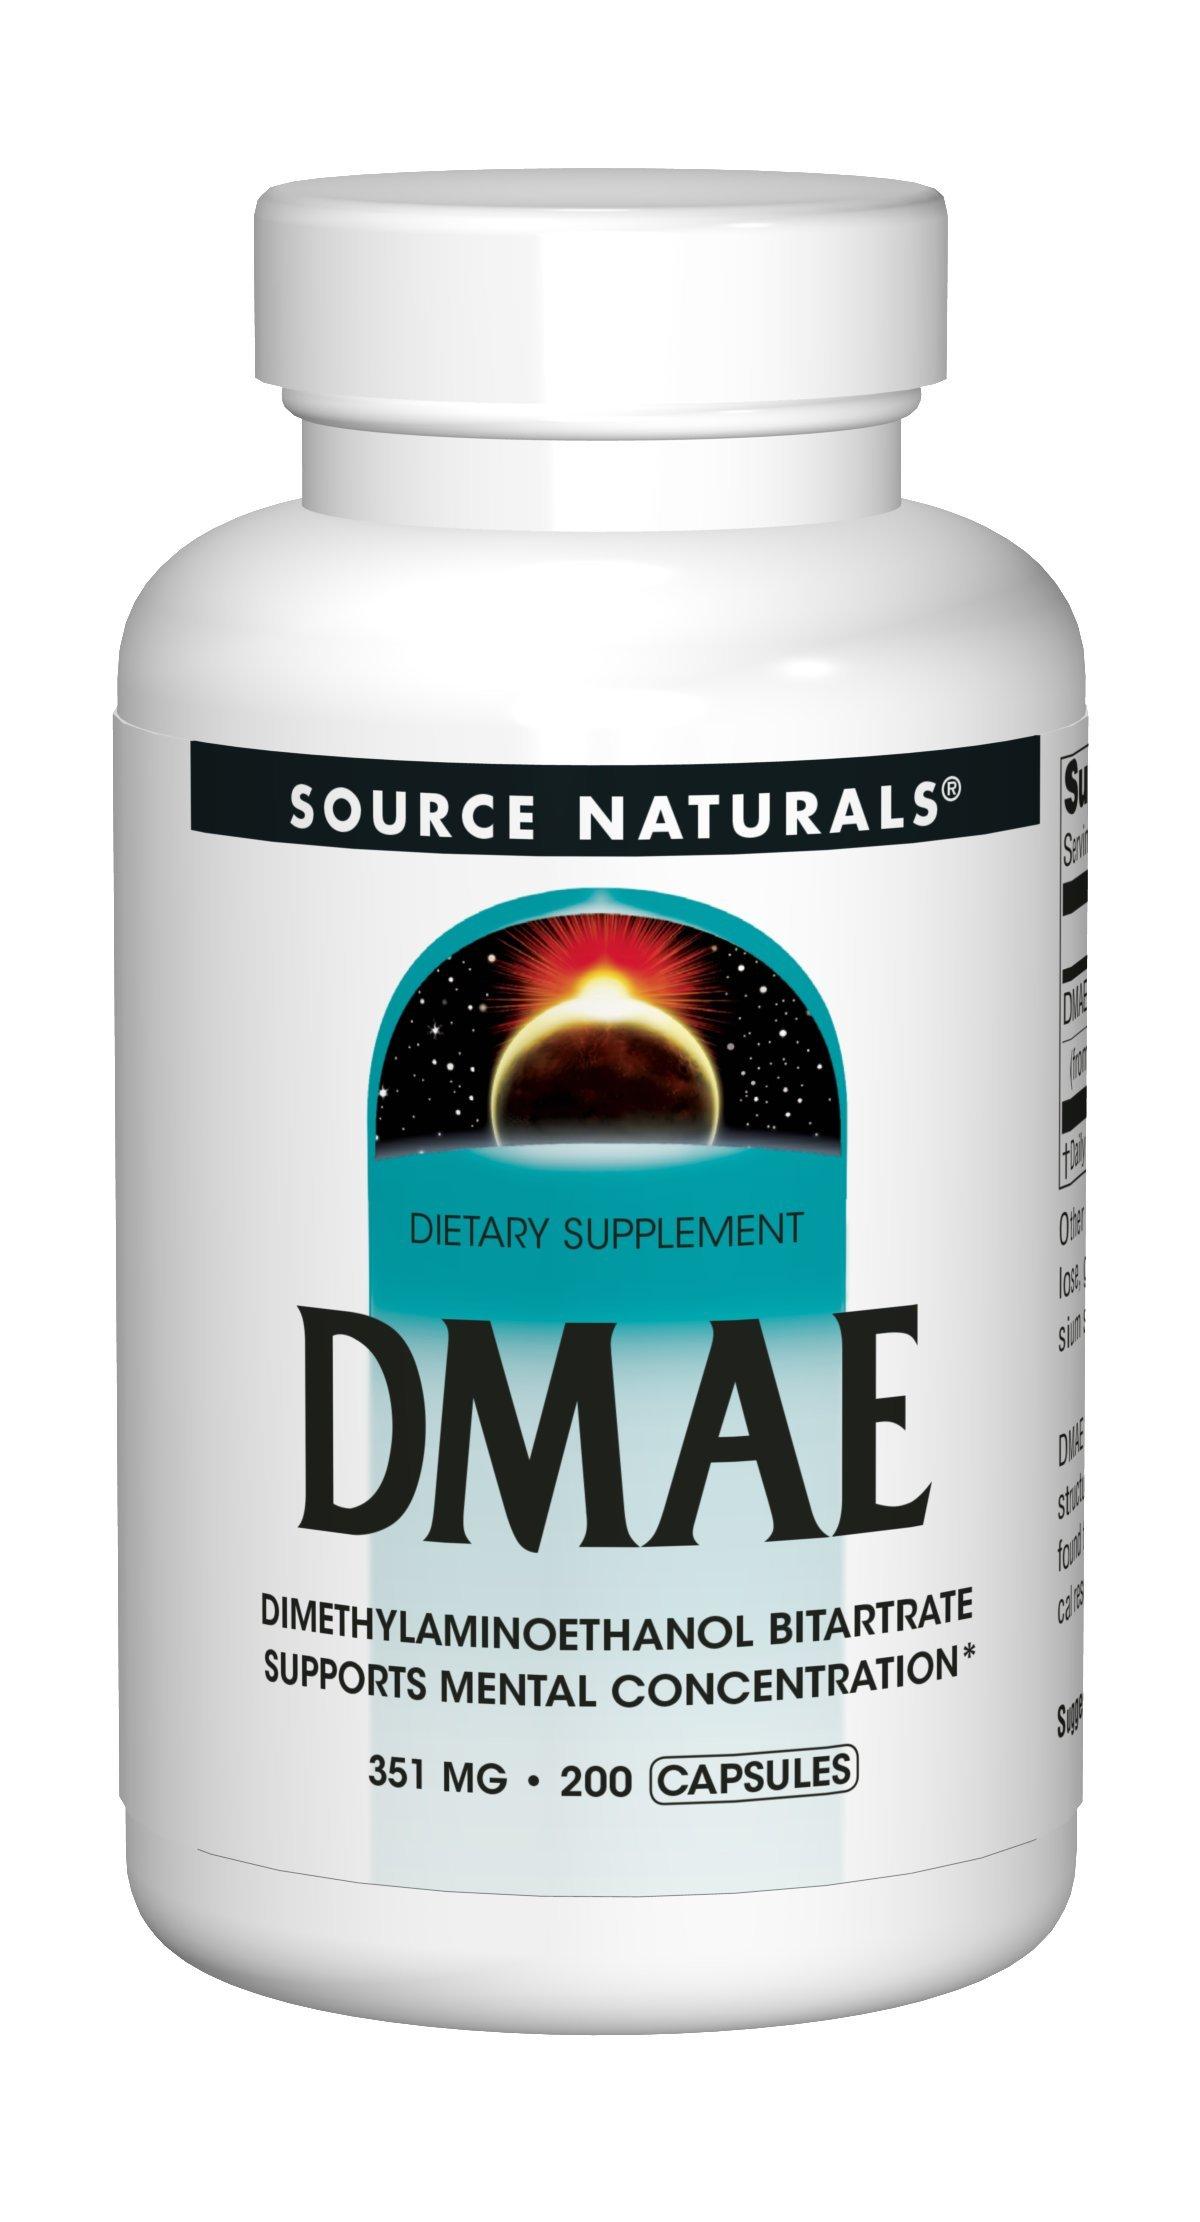 Source Naturals DMAE Dimethylaminoethanol Bitartrate 351mg Supplement - 200 Capsules